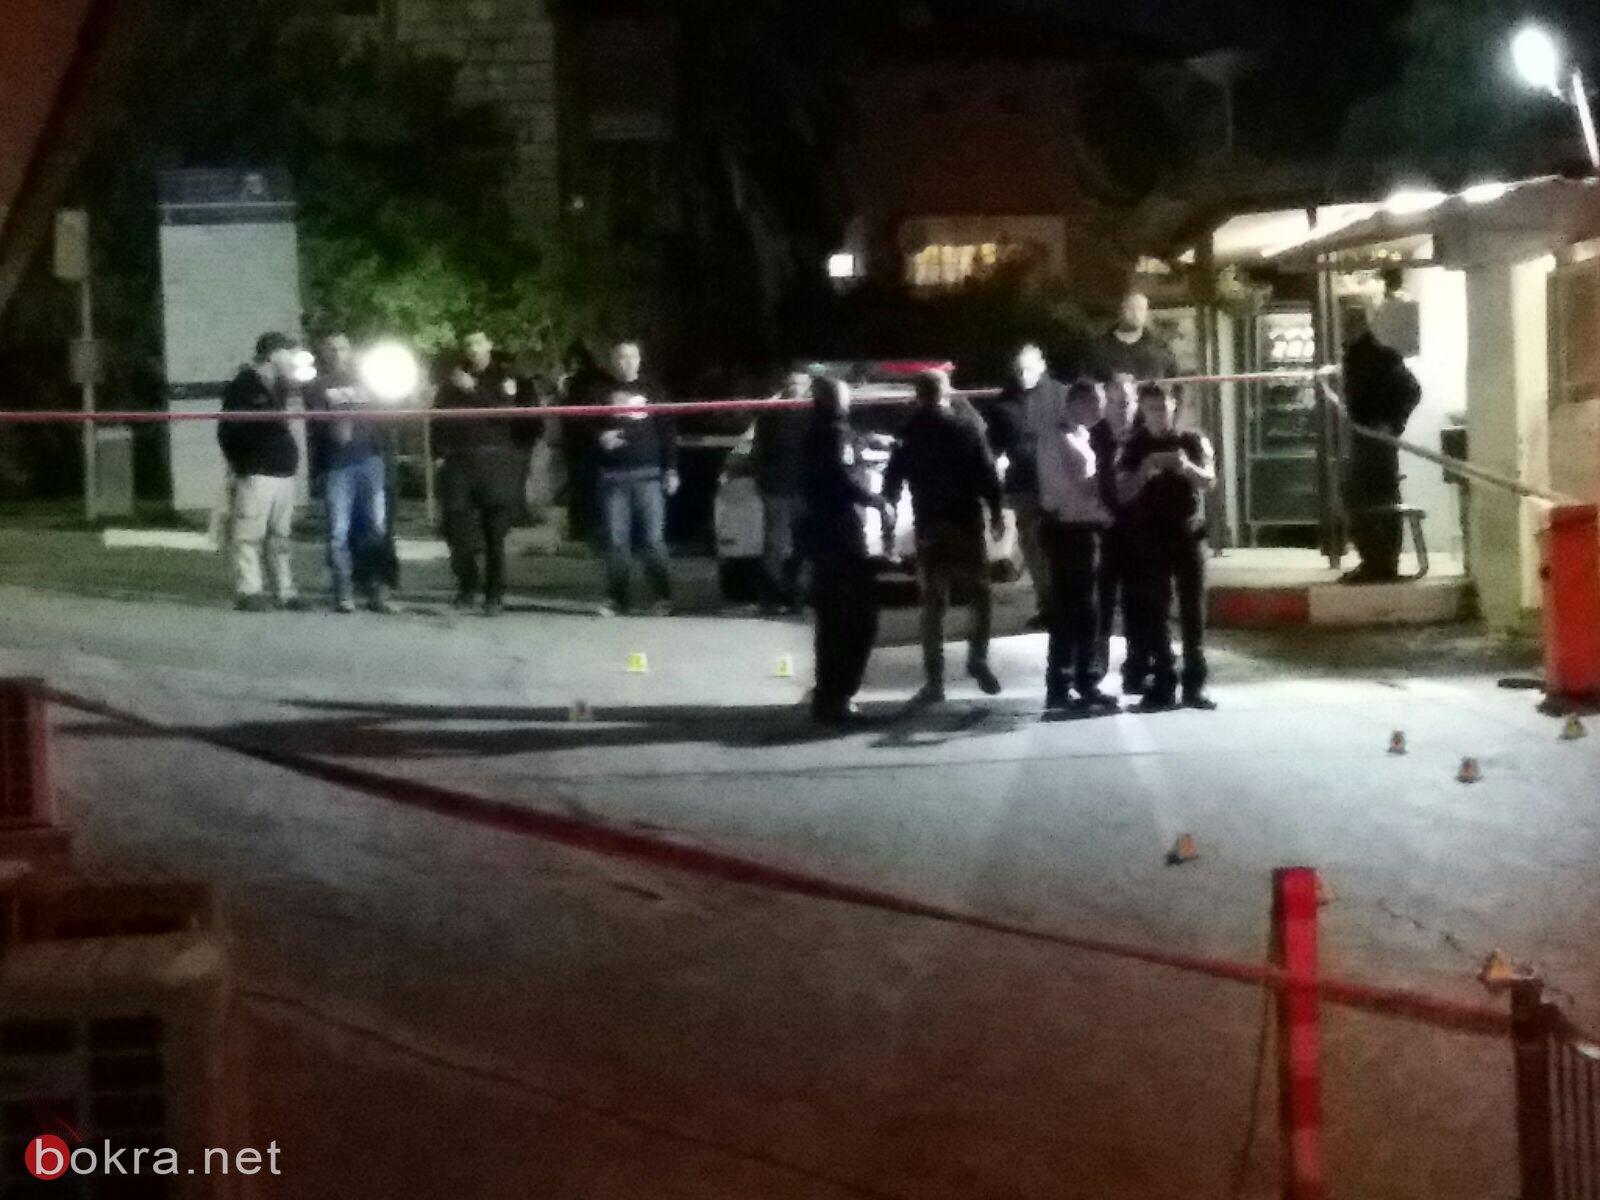 اصابة بالغة لرجل امن نصراوي في مستشفى جراء تعرضه لاطلاق نار